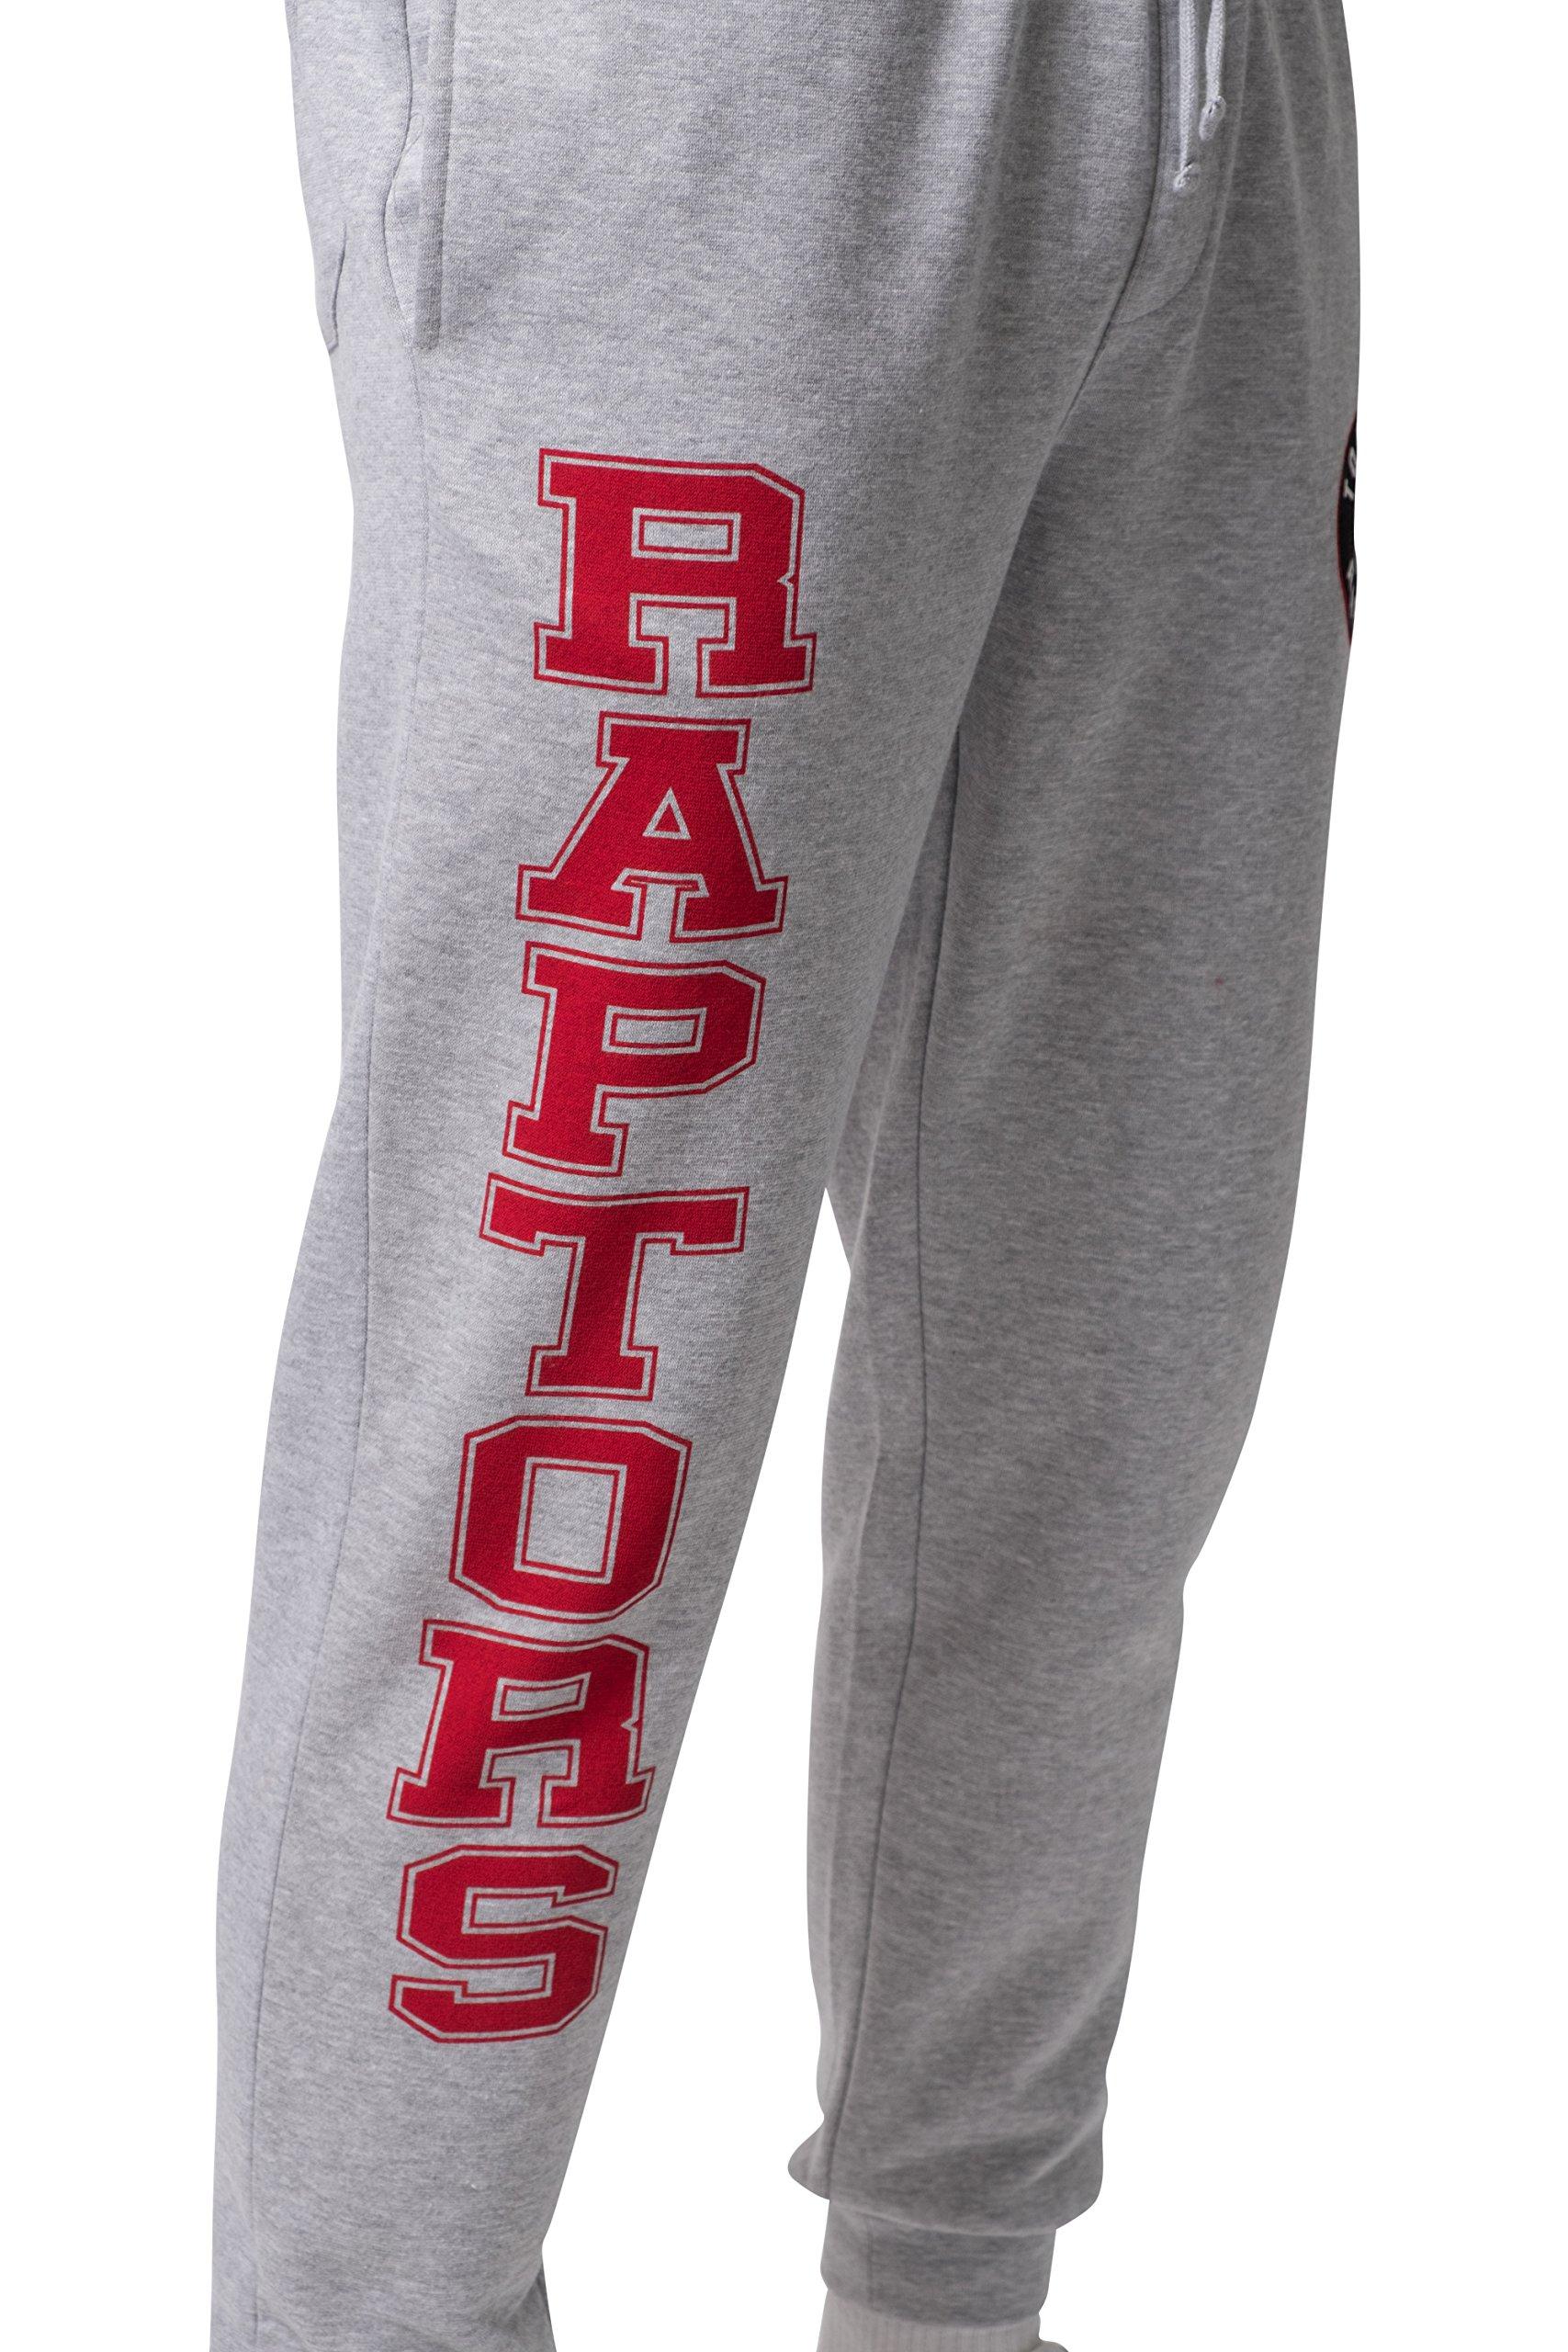 cd28b8a1d NBA Toronto Raptors Men s Jogger Pants Active Basic Soft Terry Sweatpants